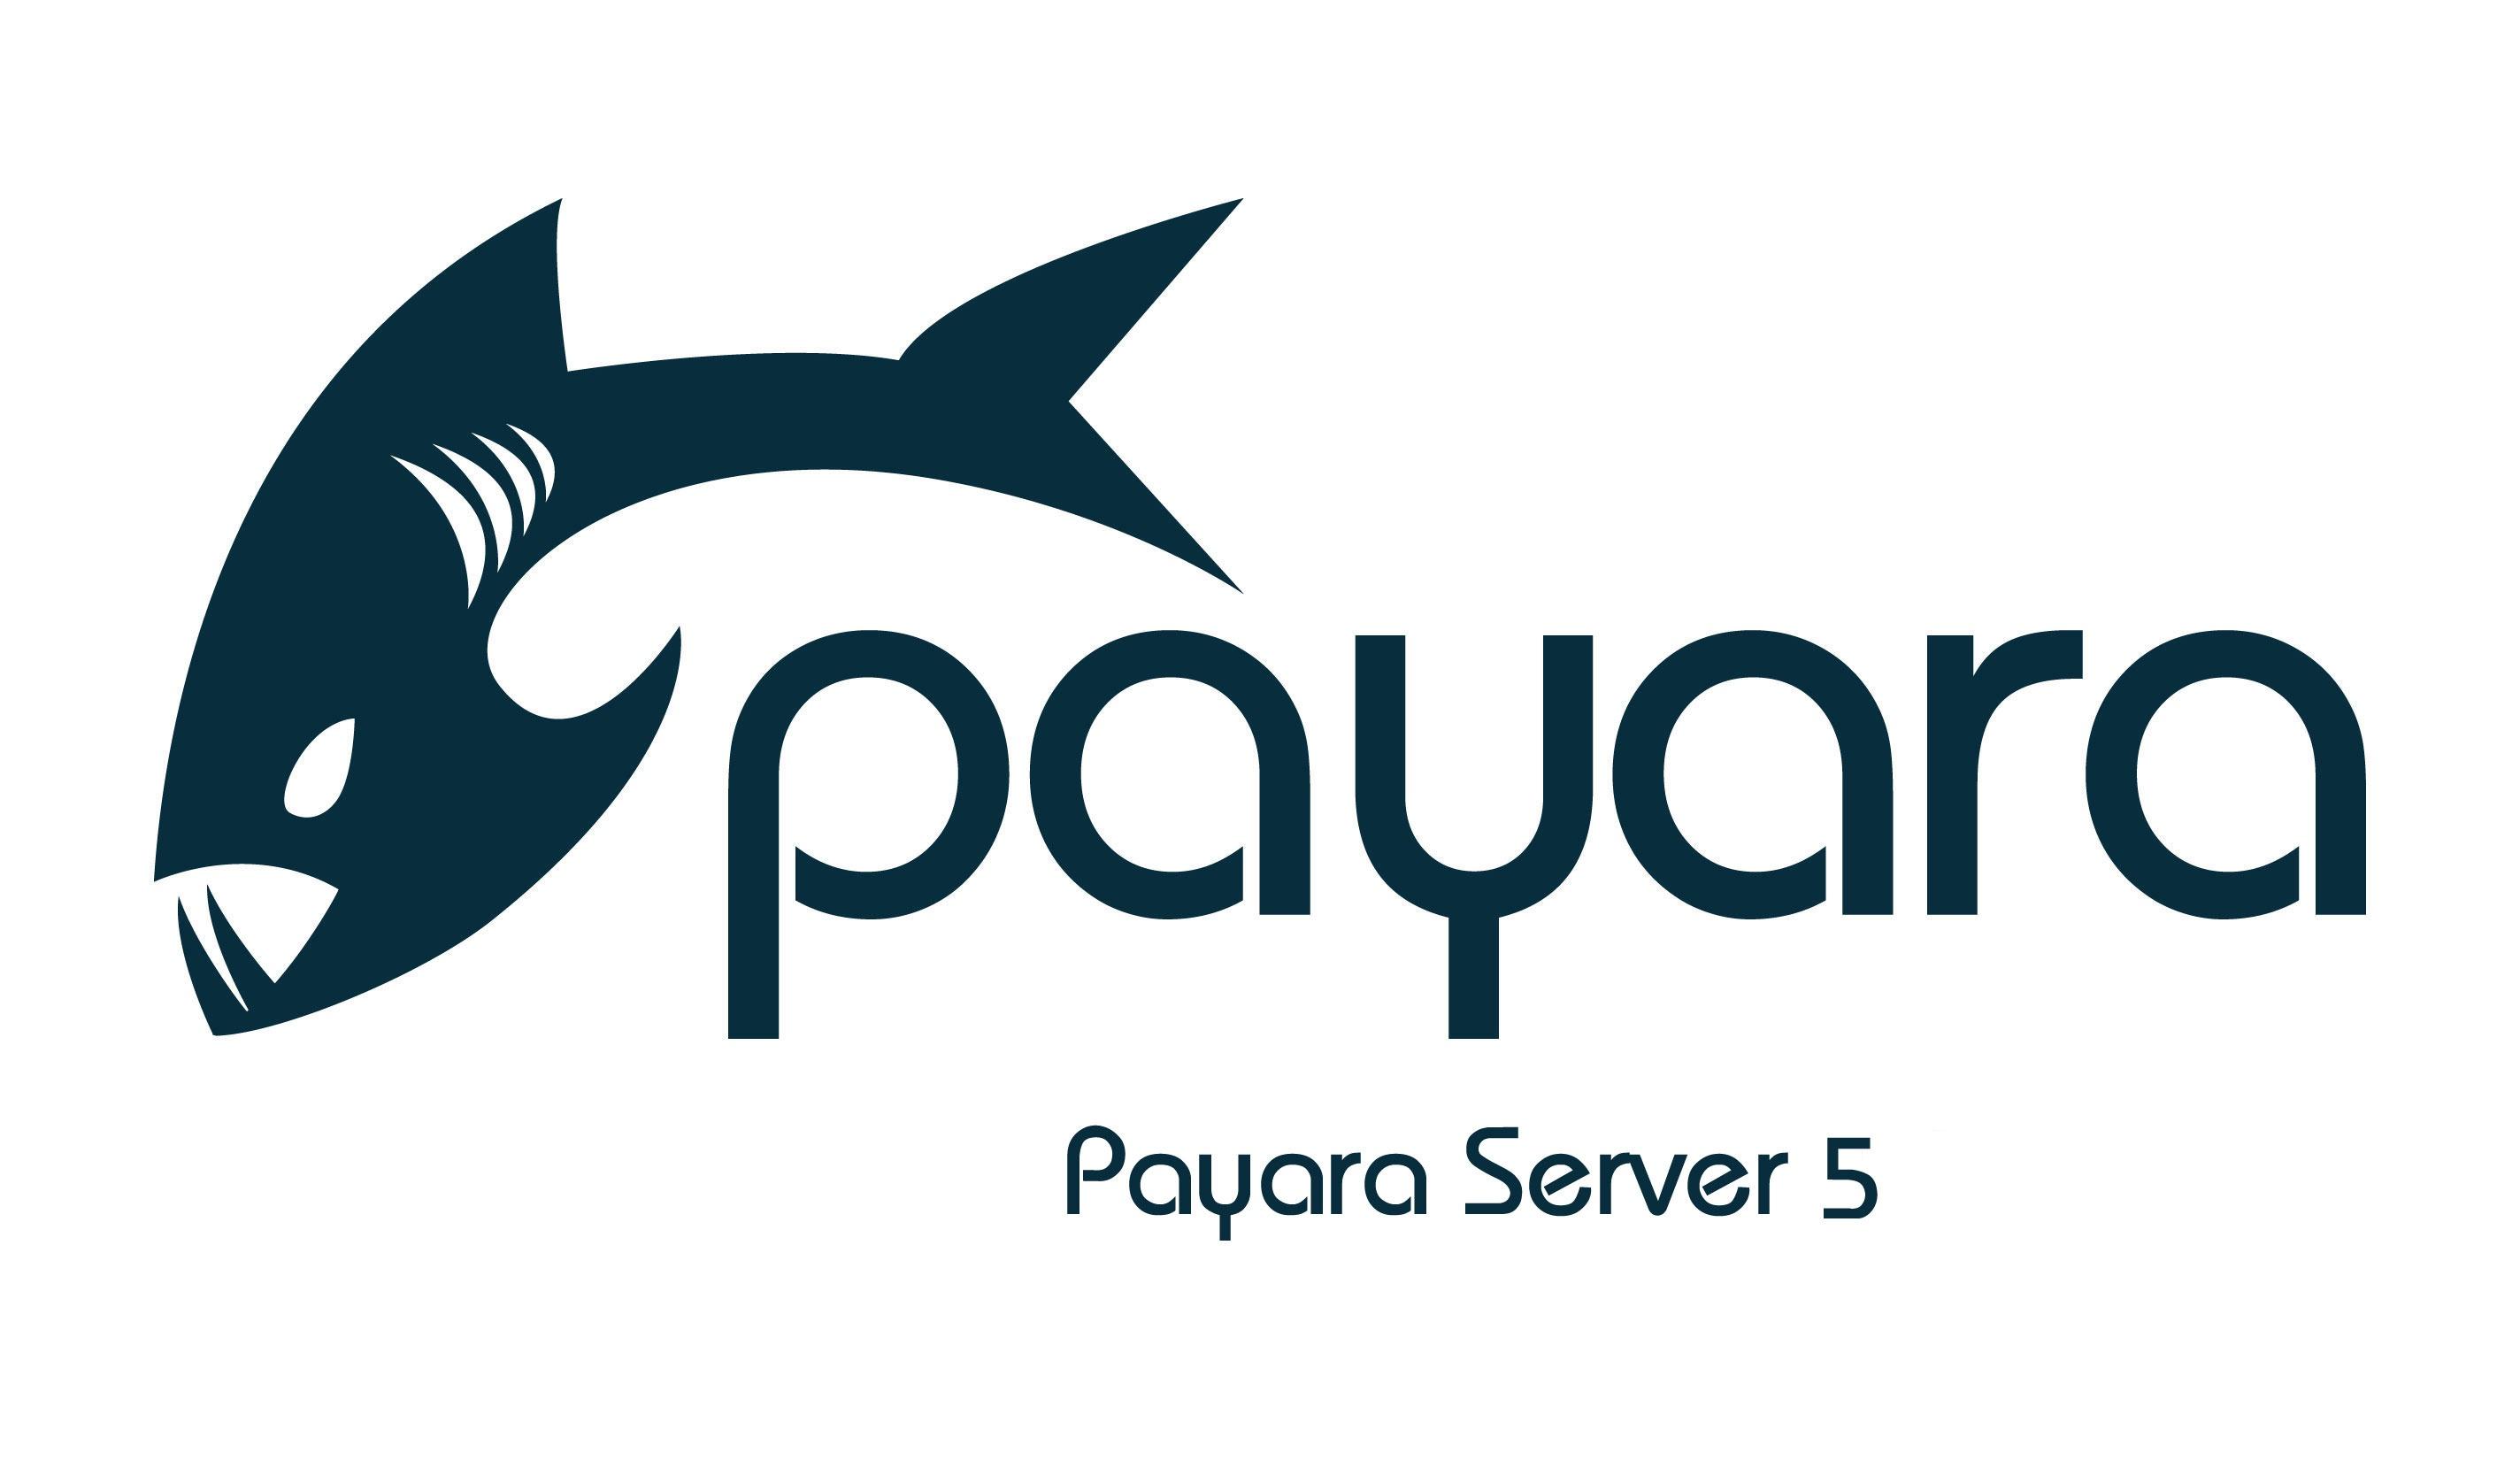 Payara-Server-5.jpg